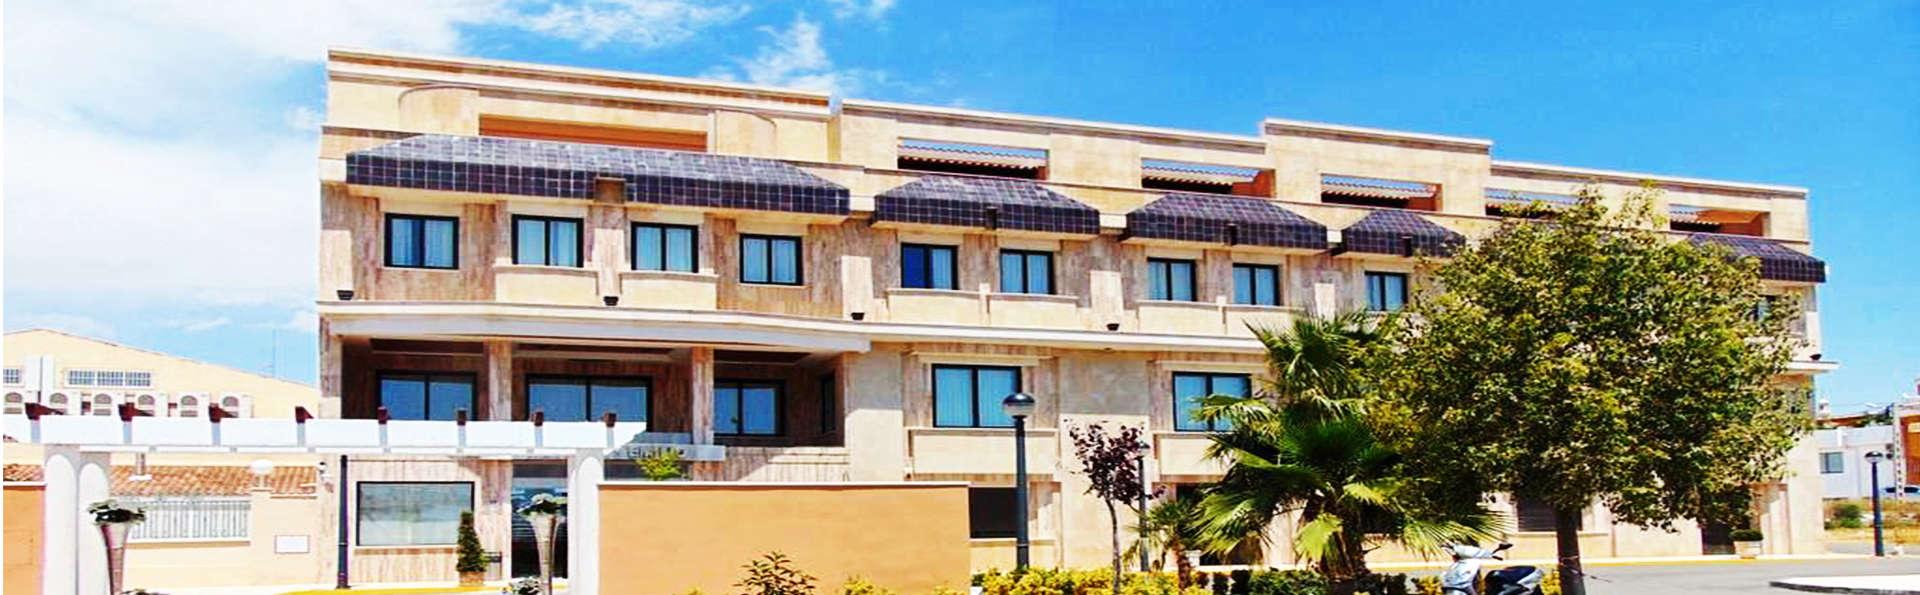 Hotel Restaurante Emilio - EDIT_1_1_FACHADA.jpg